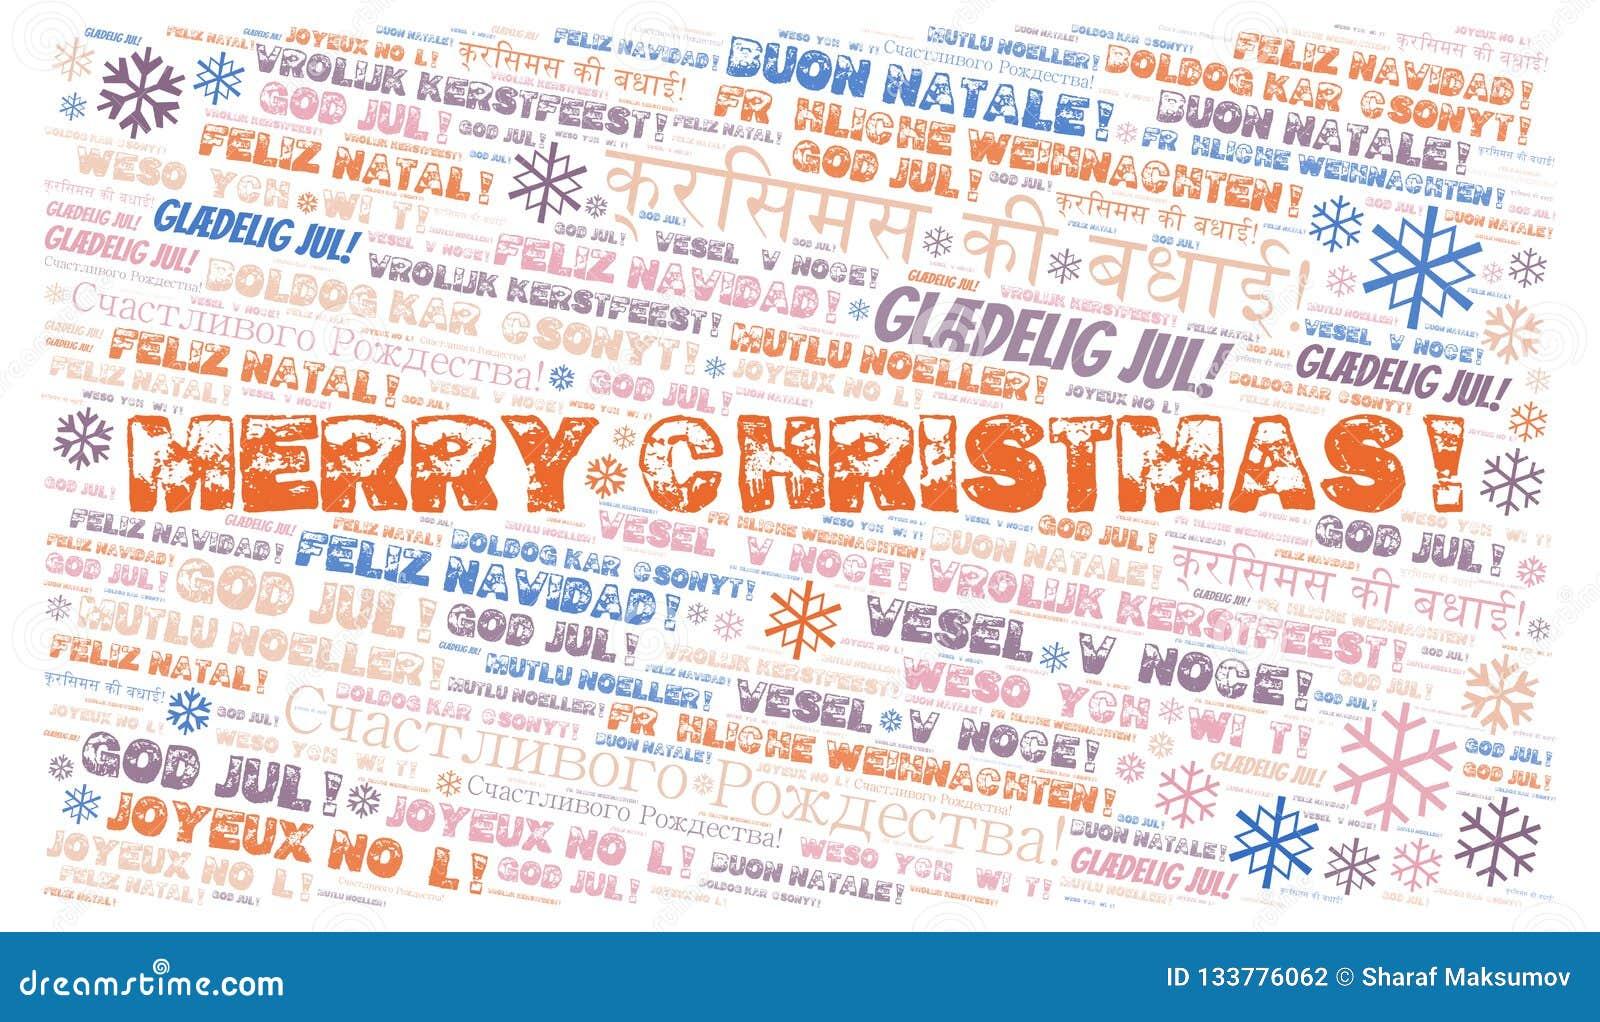 Merry Christmas Word Cloud Merry Christmas On English Language And